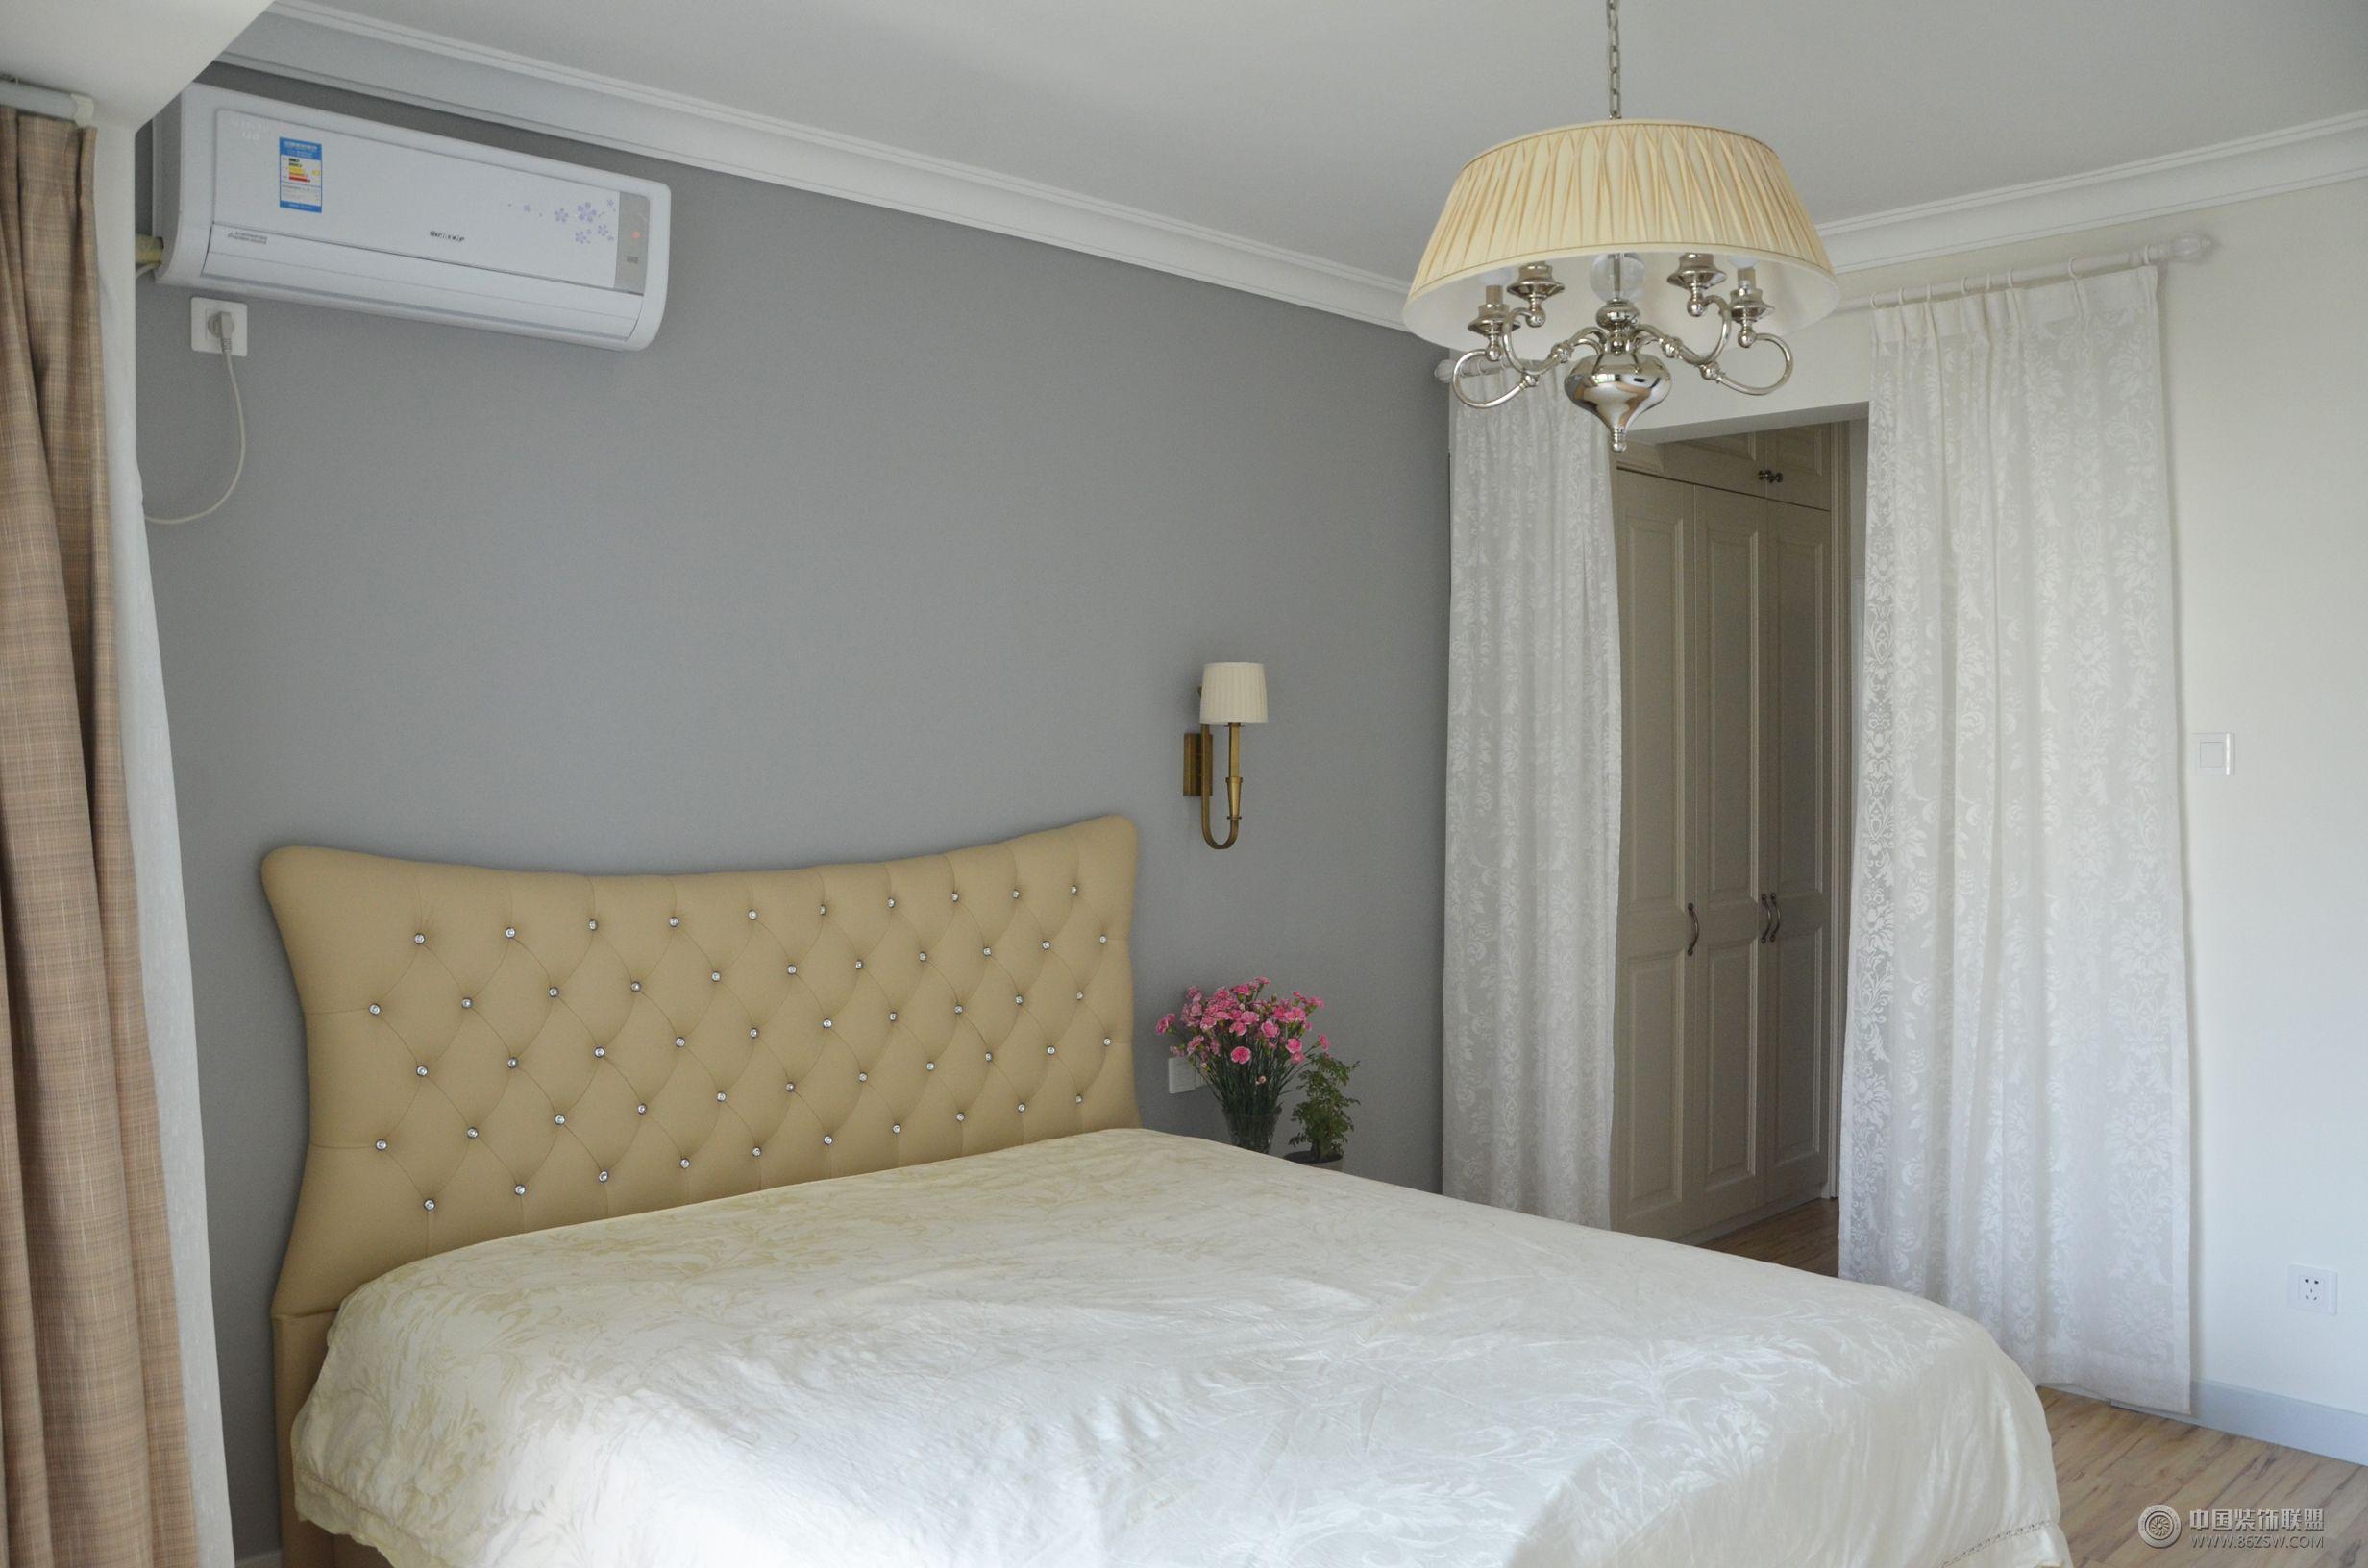 现代简约风格两室一厅装修图 客厅装修效果图 八六网